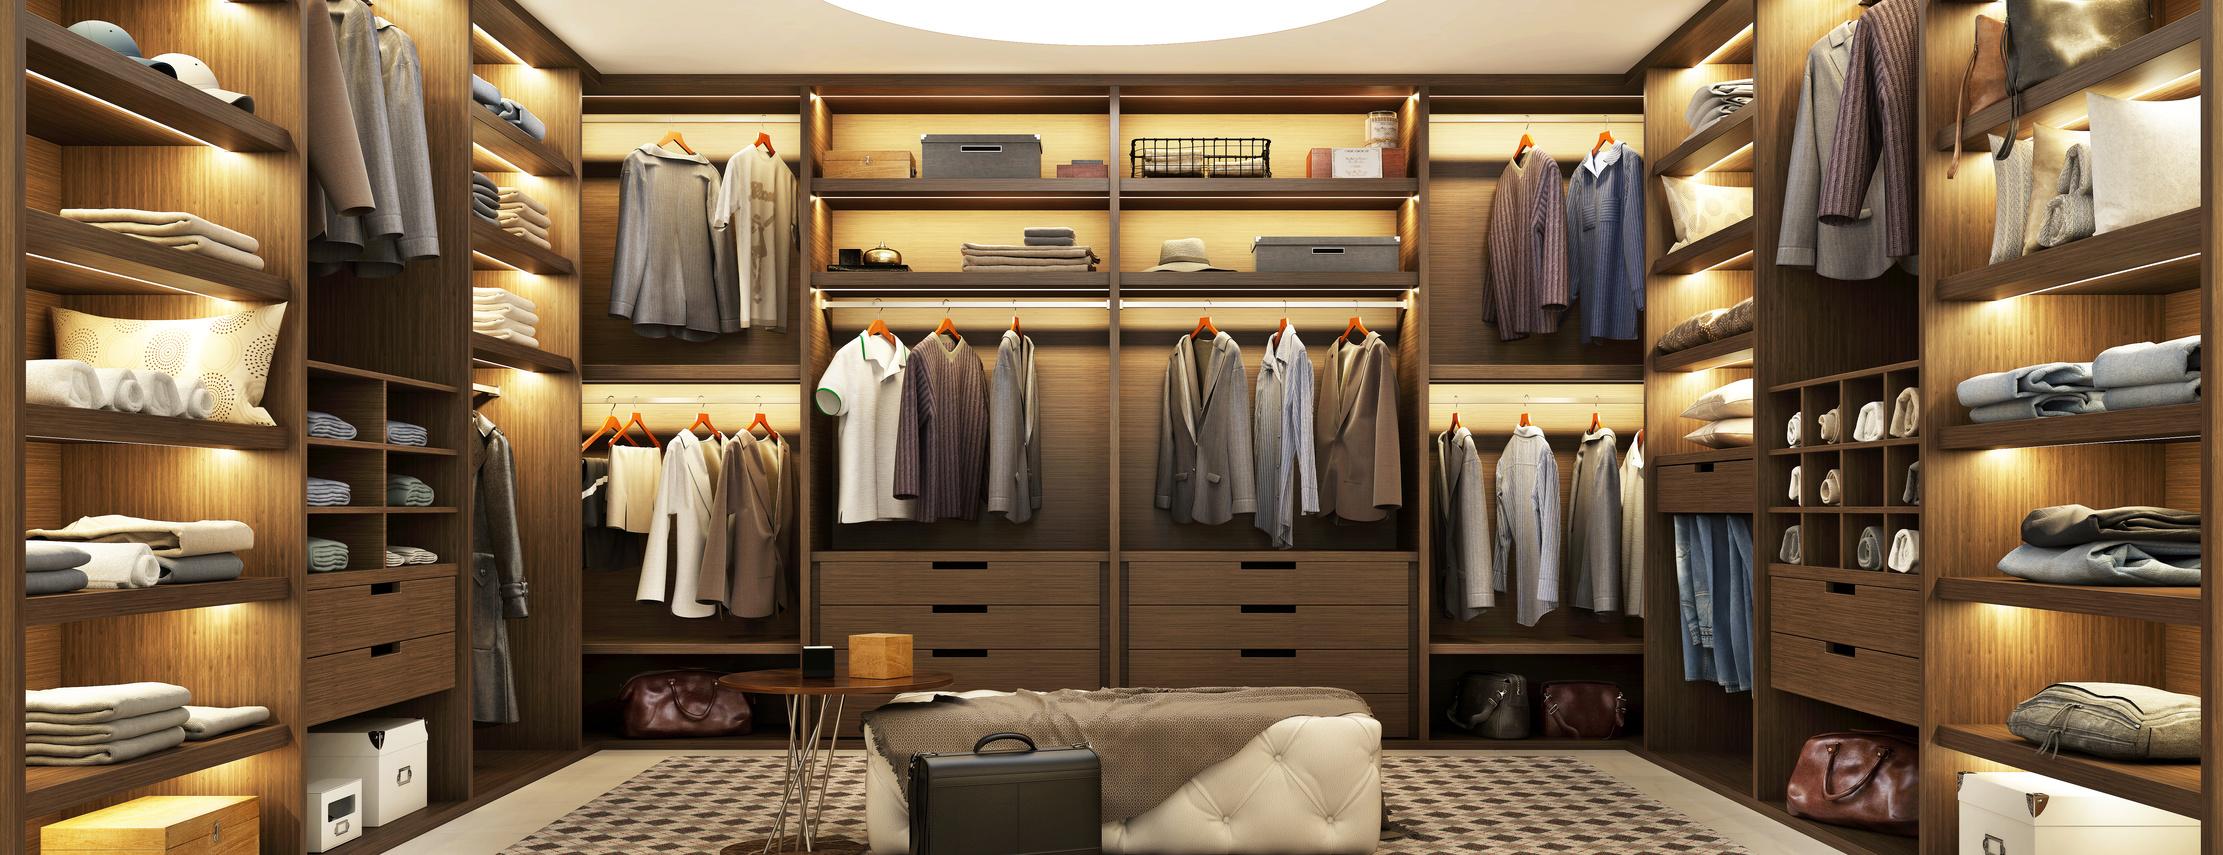 Begehbarer Kleiderschrank Die Schonsten Trends Und Ideen